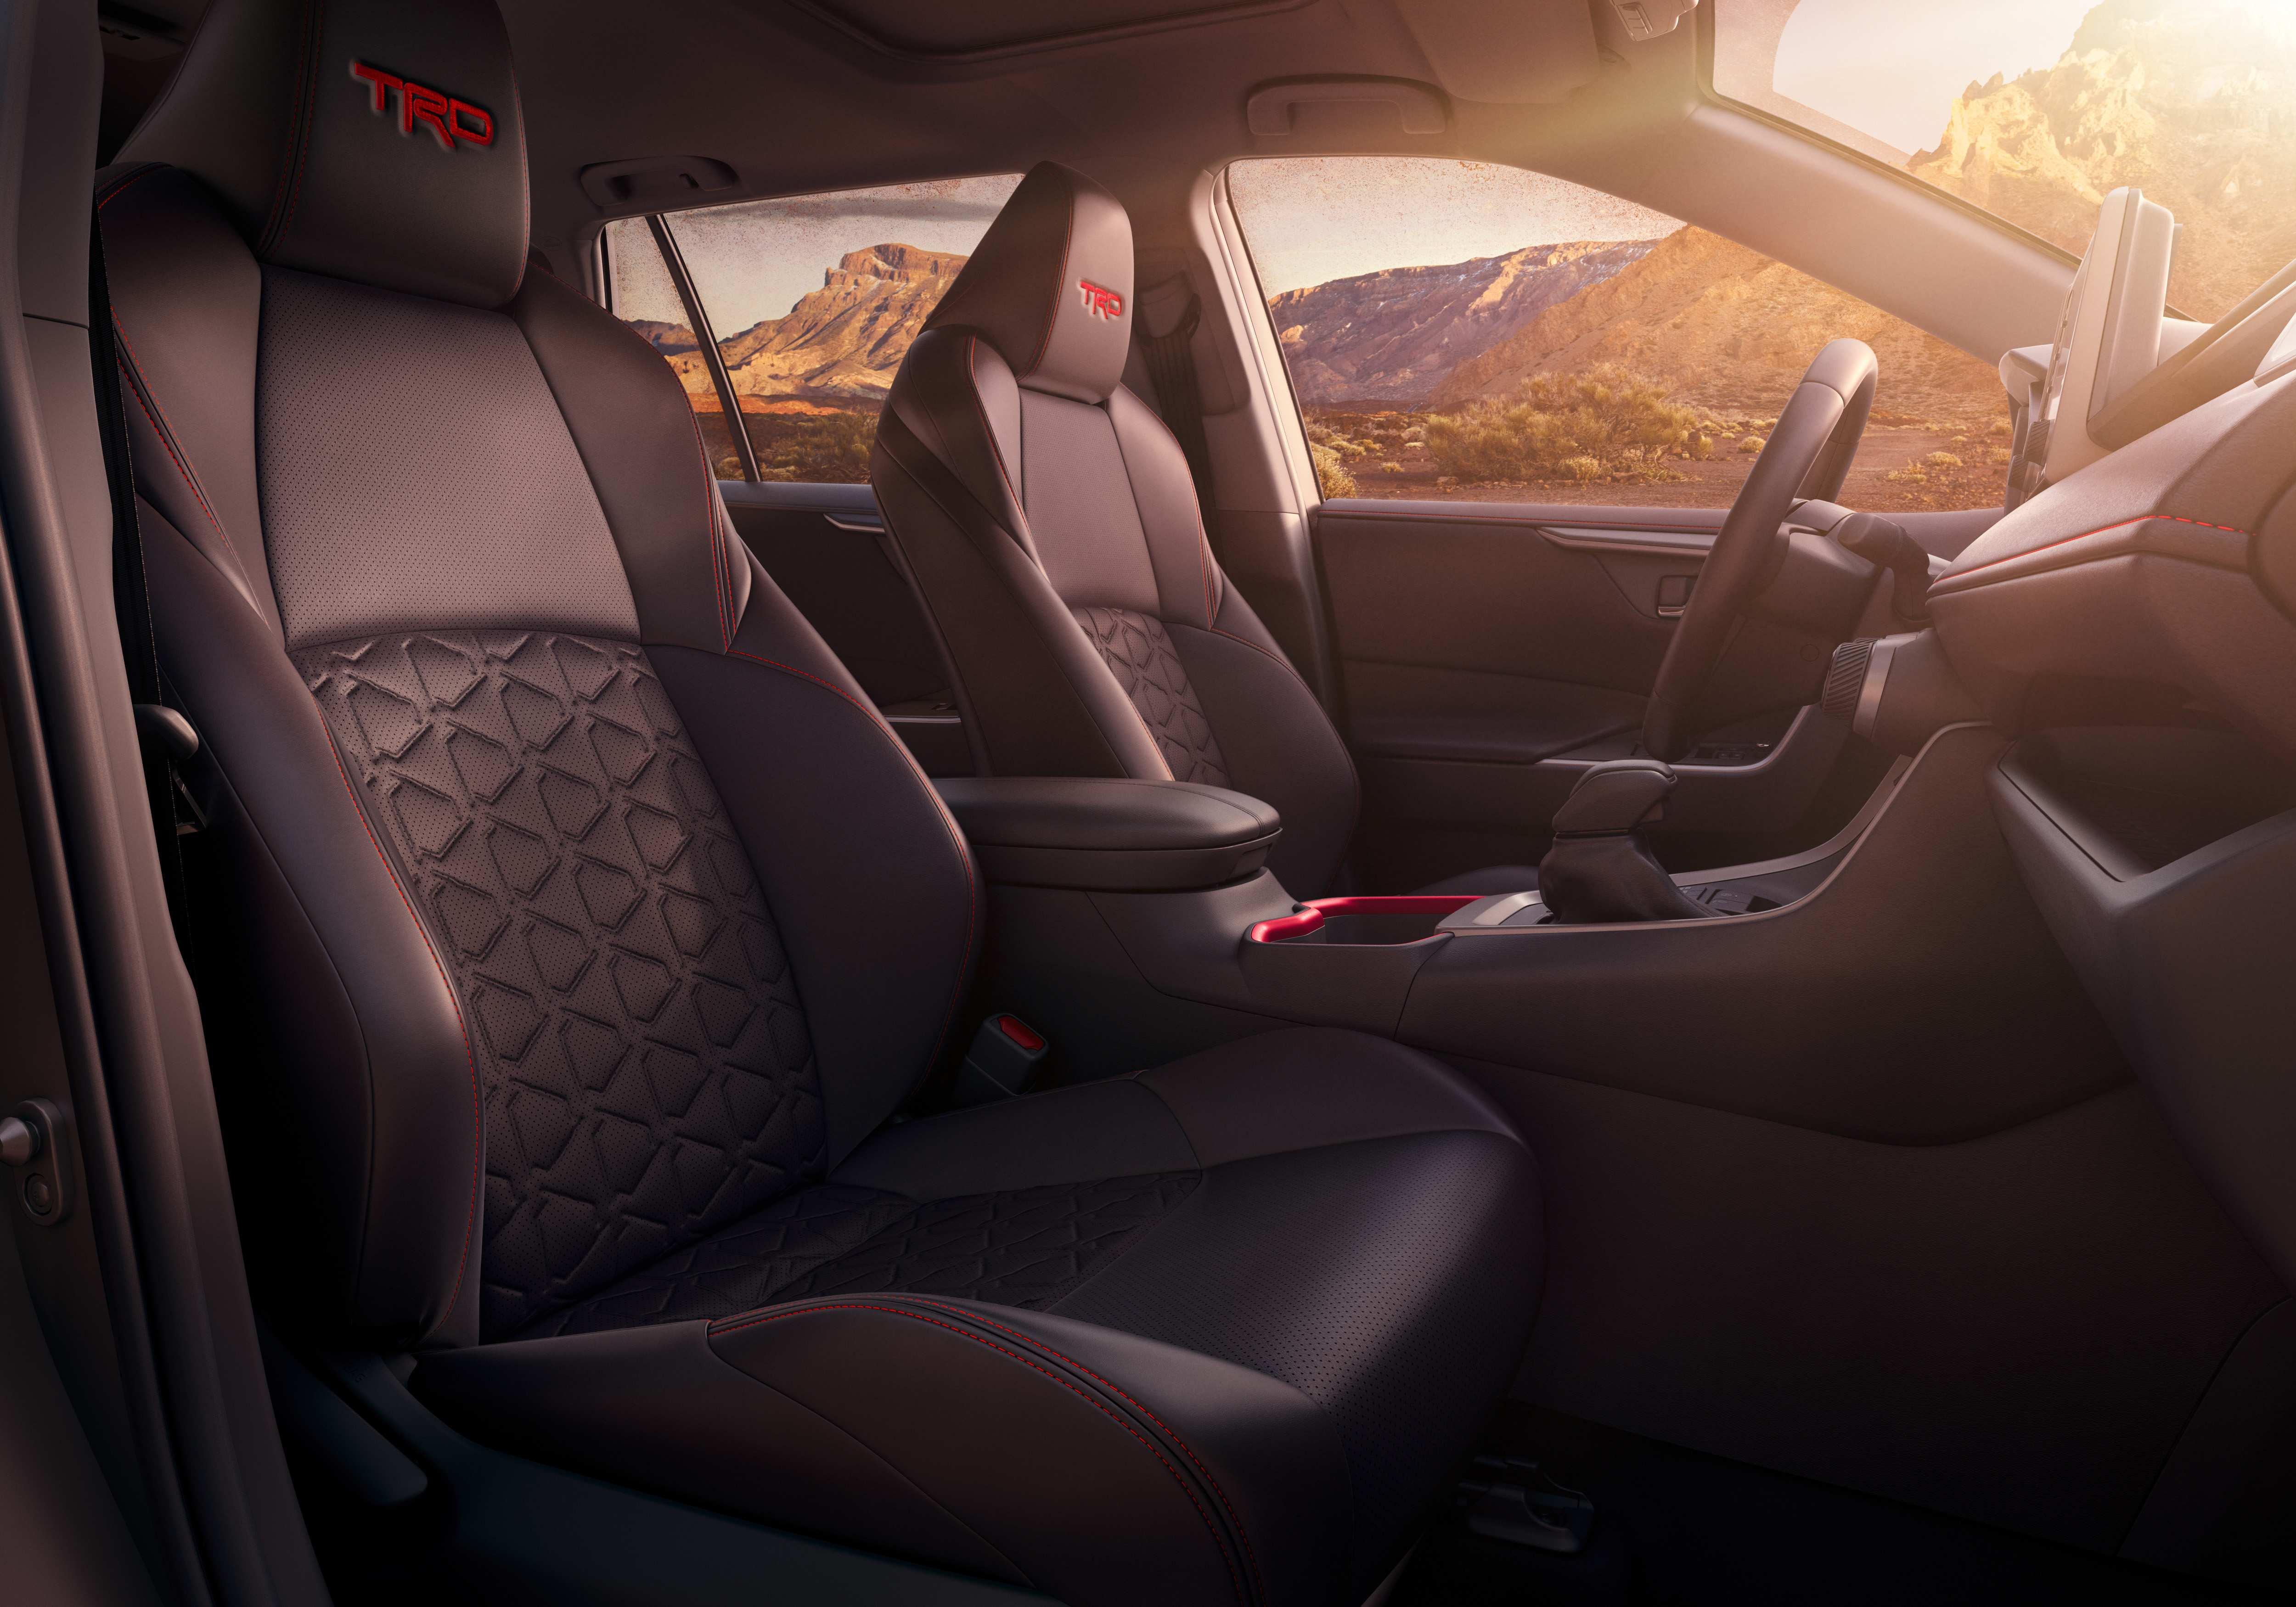 14 All New Toyota Rav4 2020 Interior Price by Toyota Rav4 2020 Interior